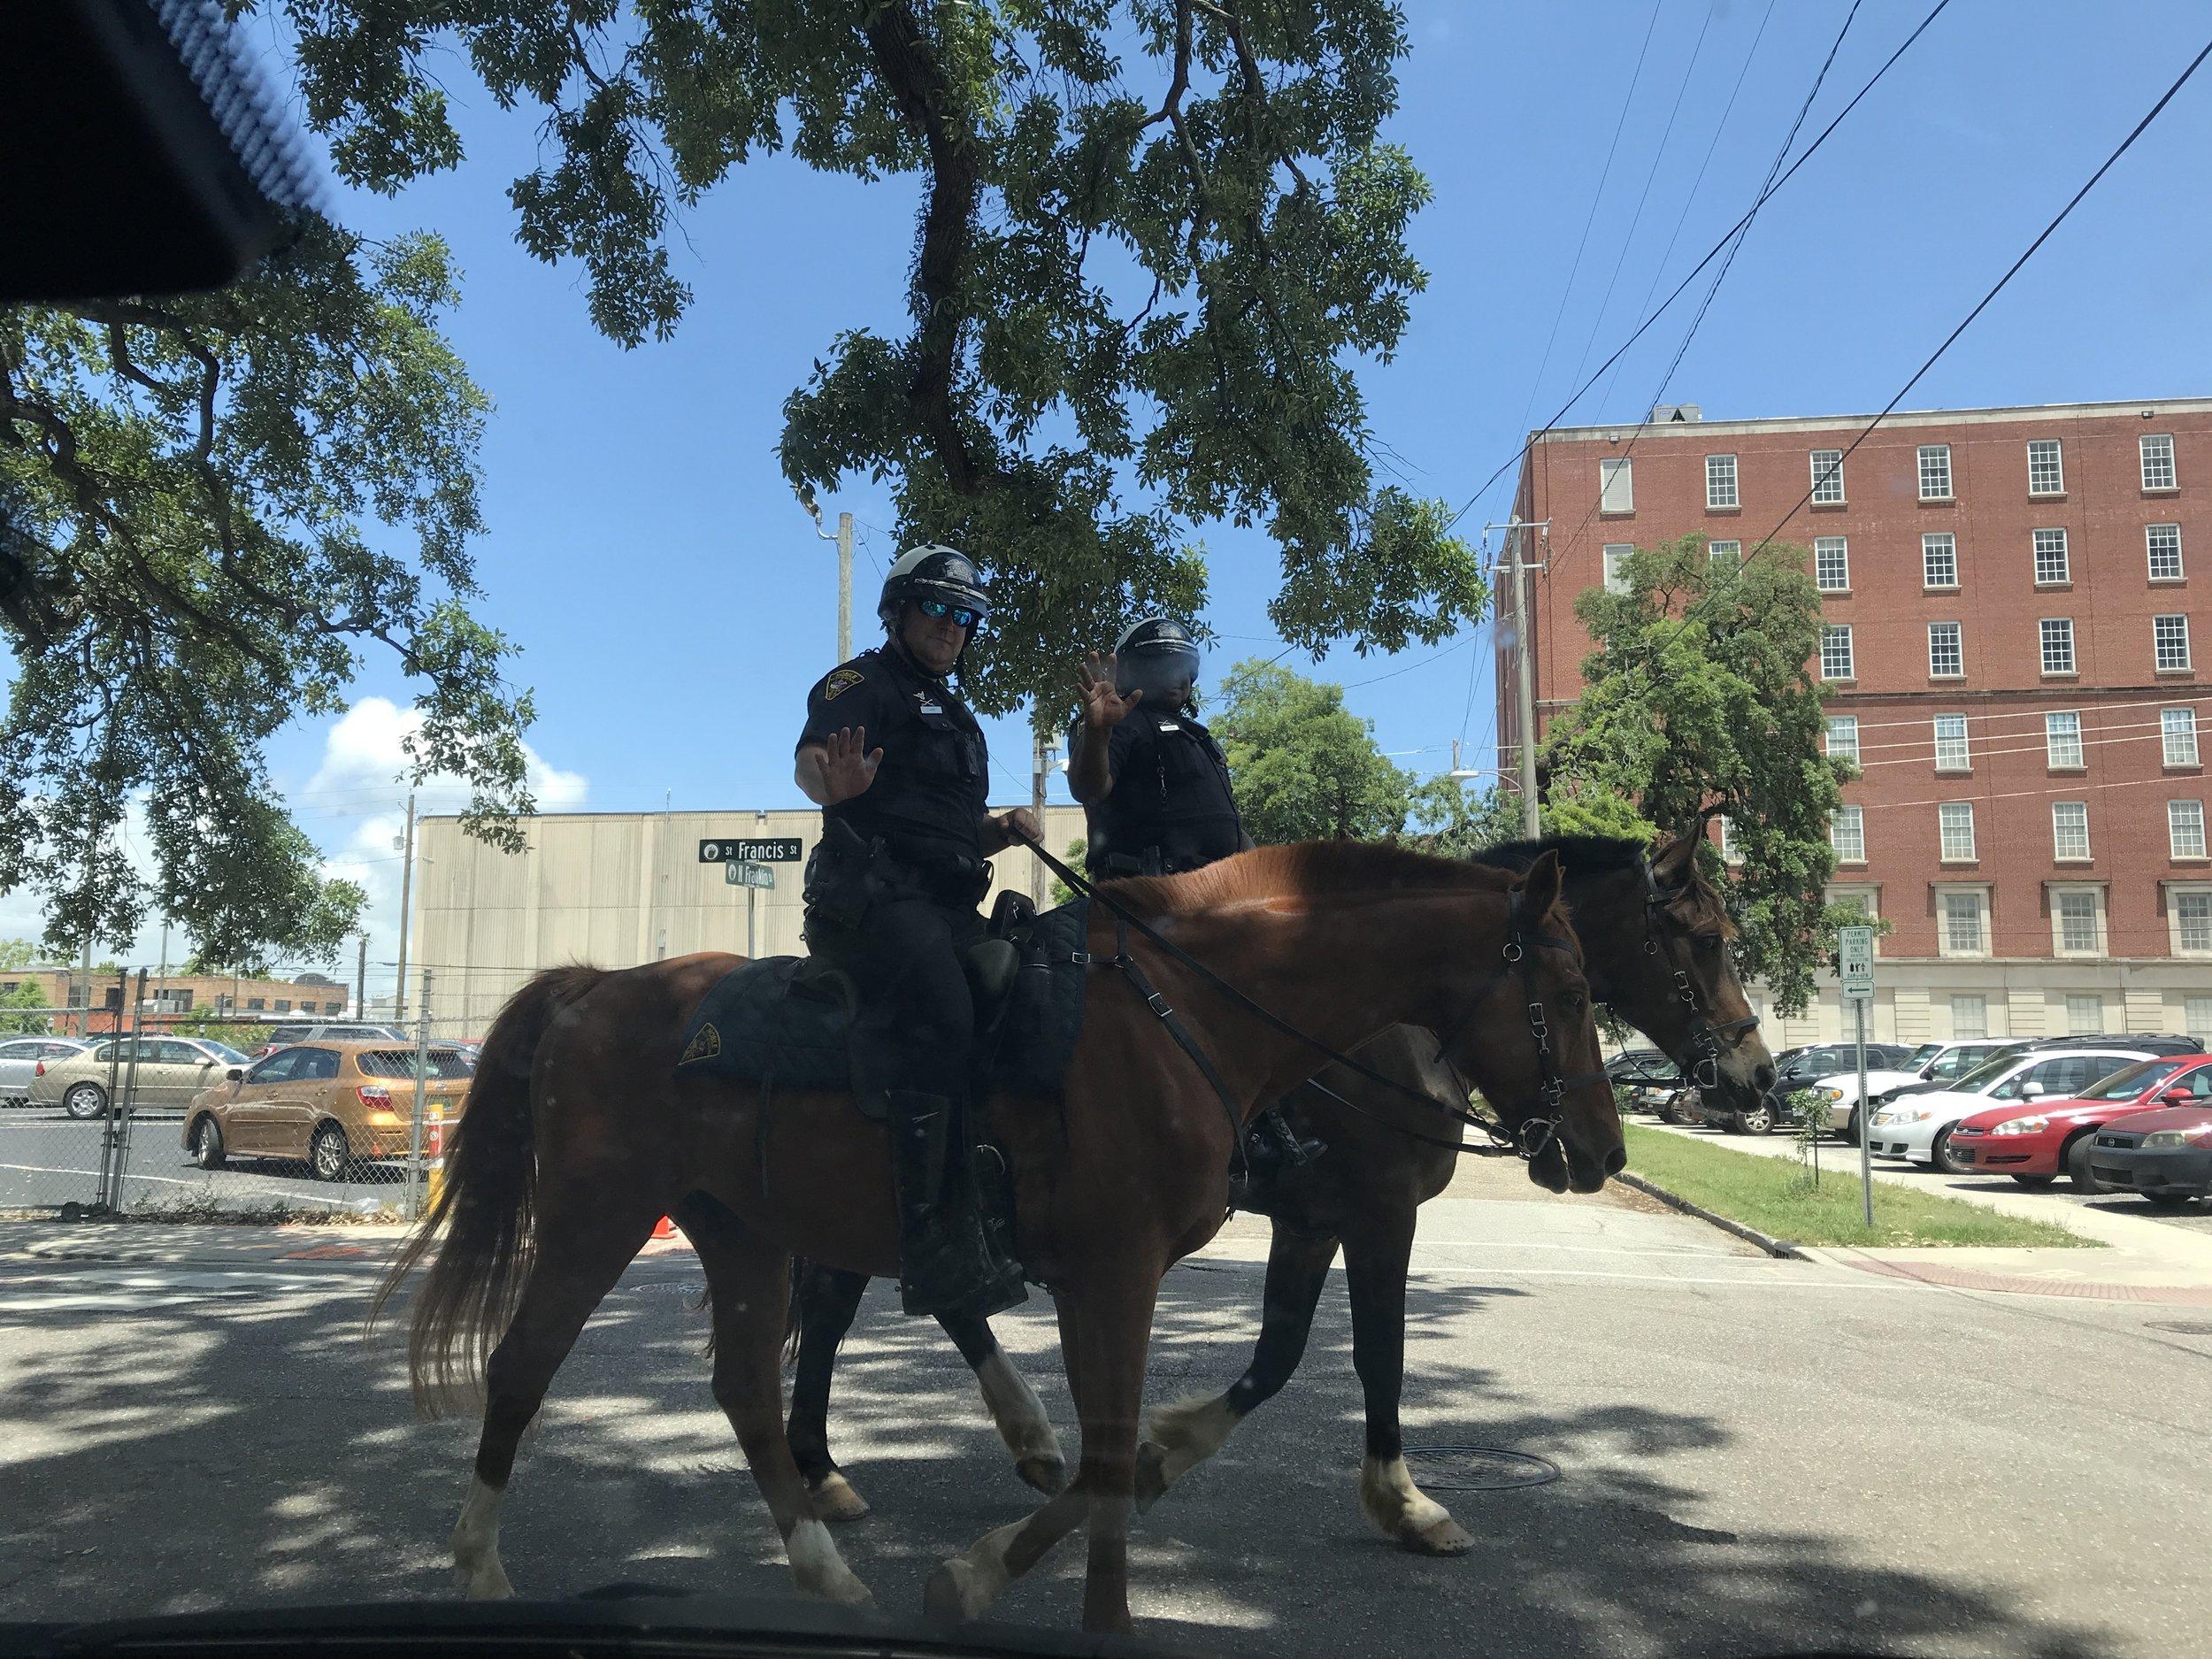 Police in Mobile, Alabama